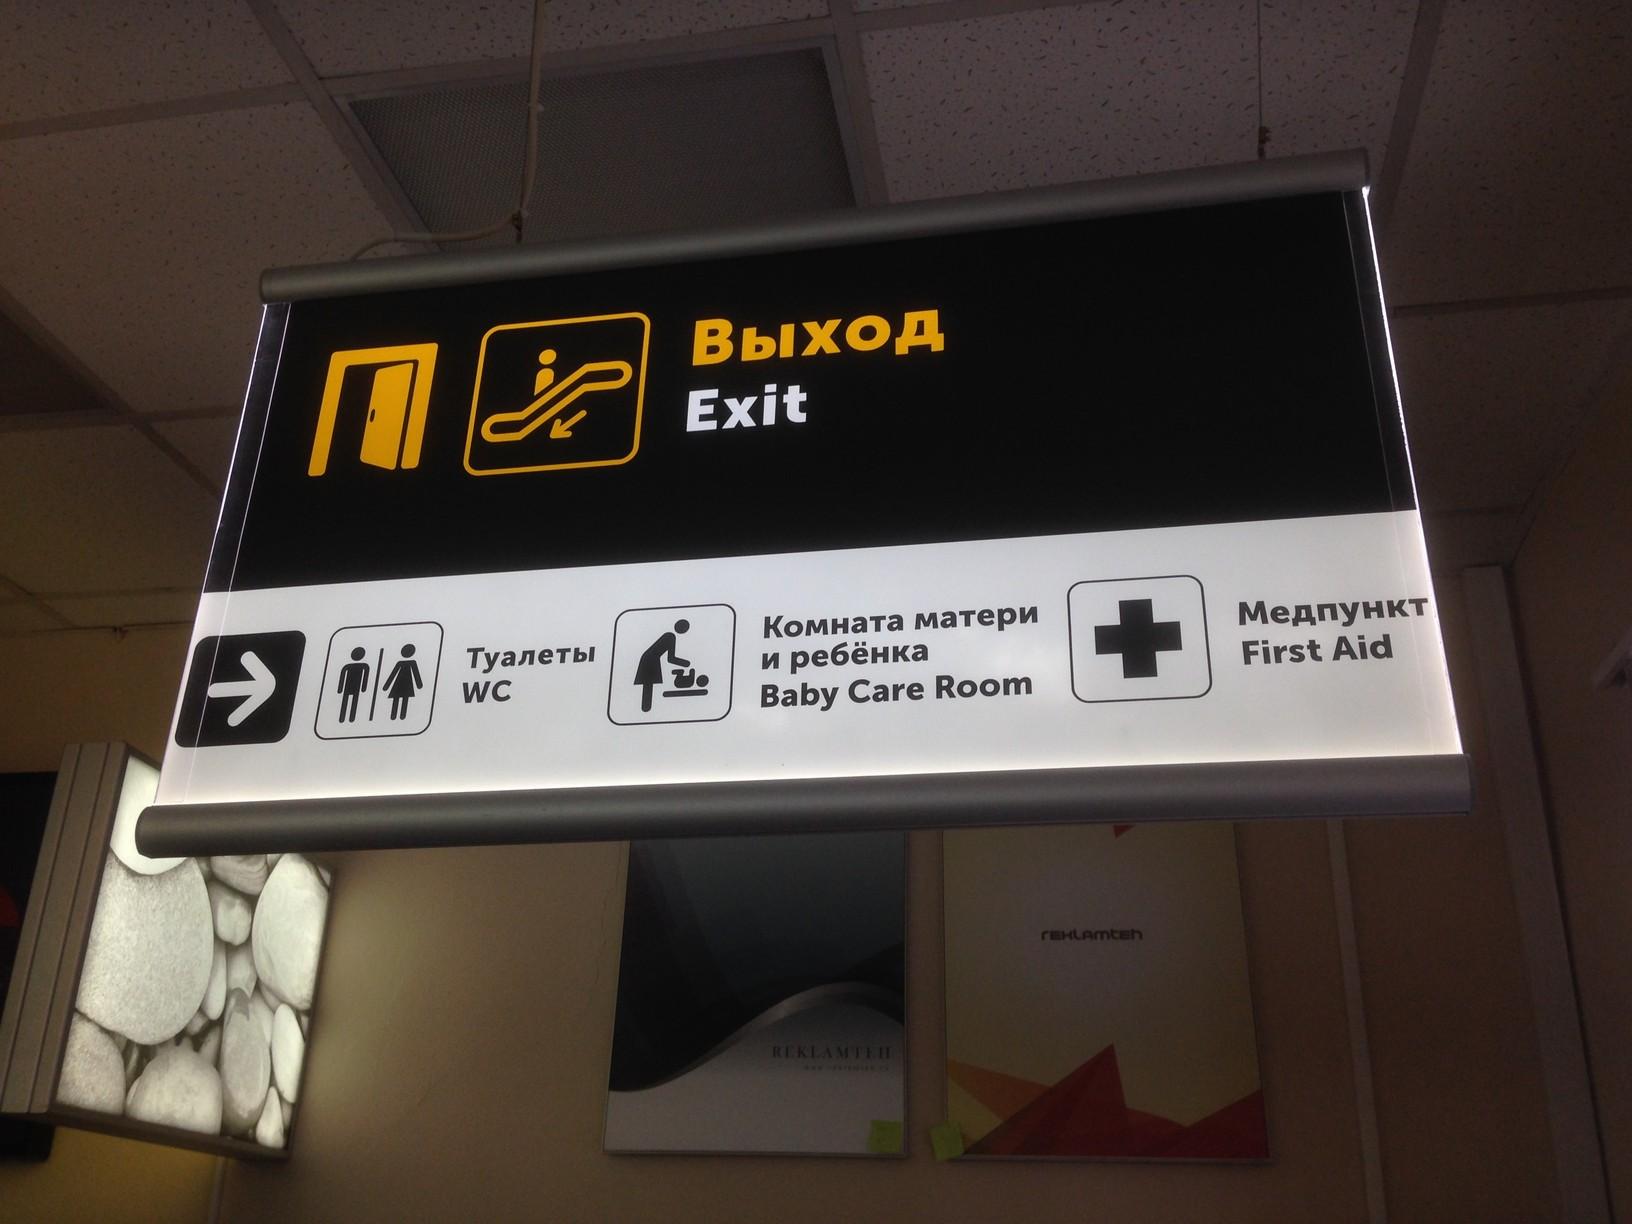 Navigatsionnaya tablichka AcriLight 04 - Изготовление навигационных табличек 2-сторонних для аэропорта и не только